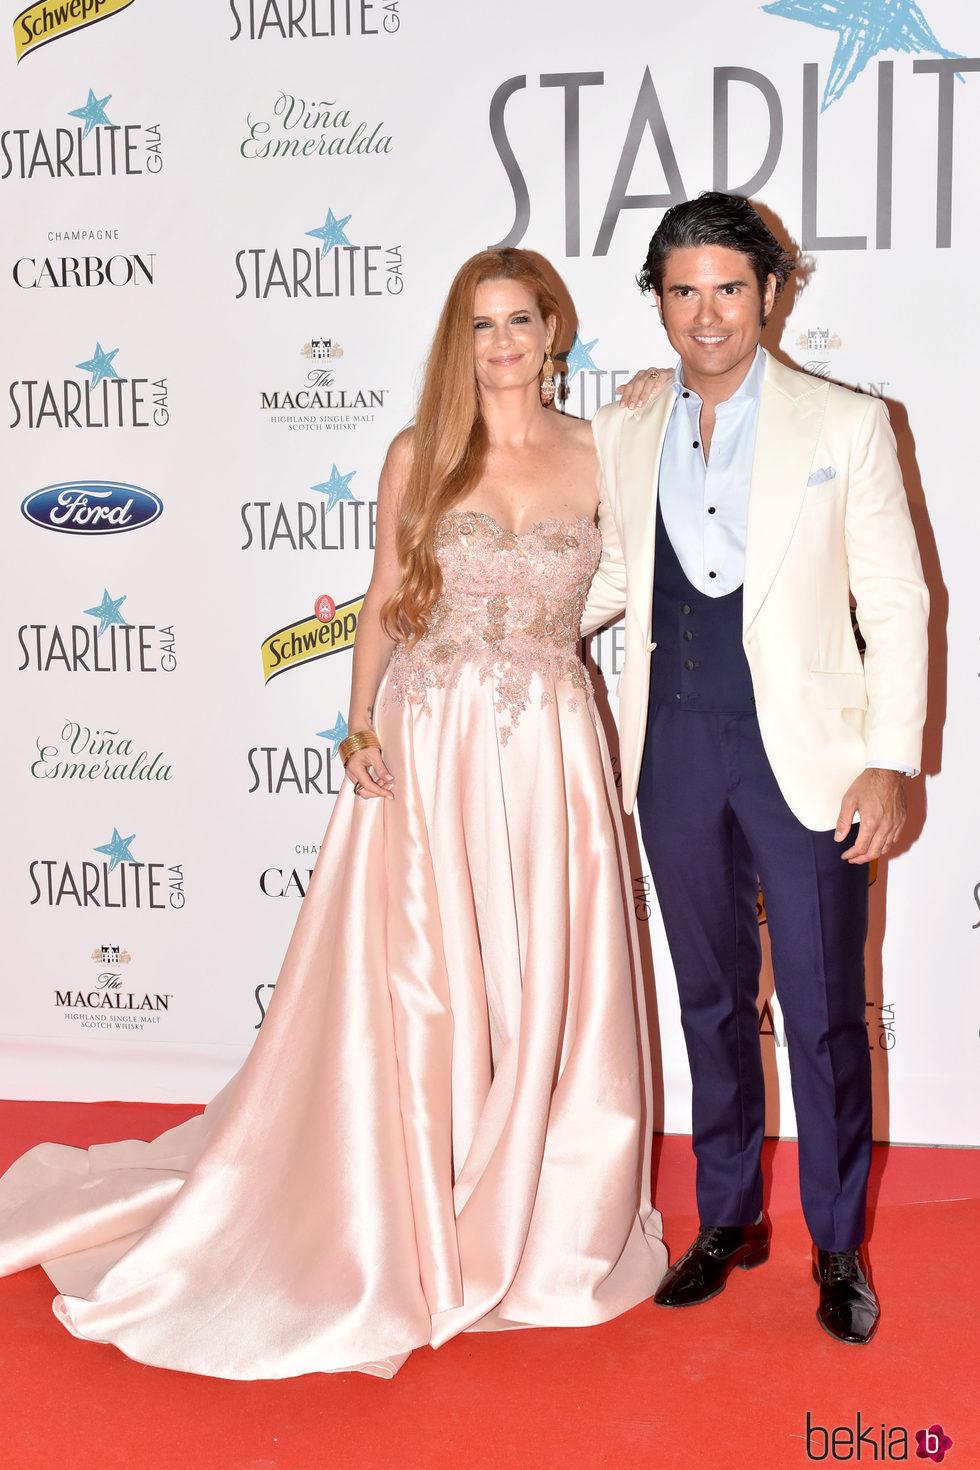 Olivia de Borbón y Julian Porras en la Gala Starlite 2017 en Marbella